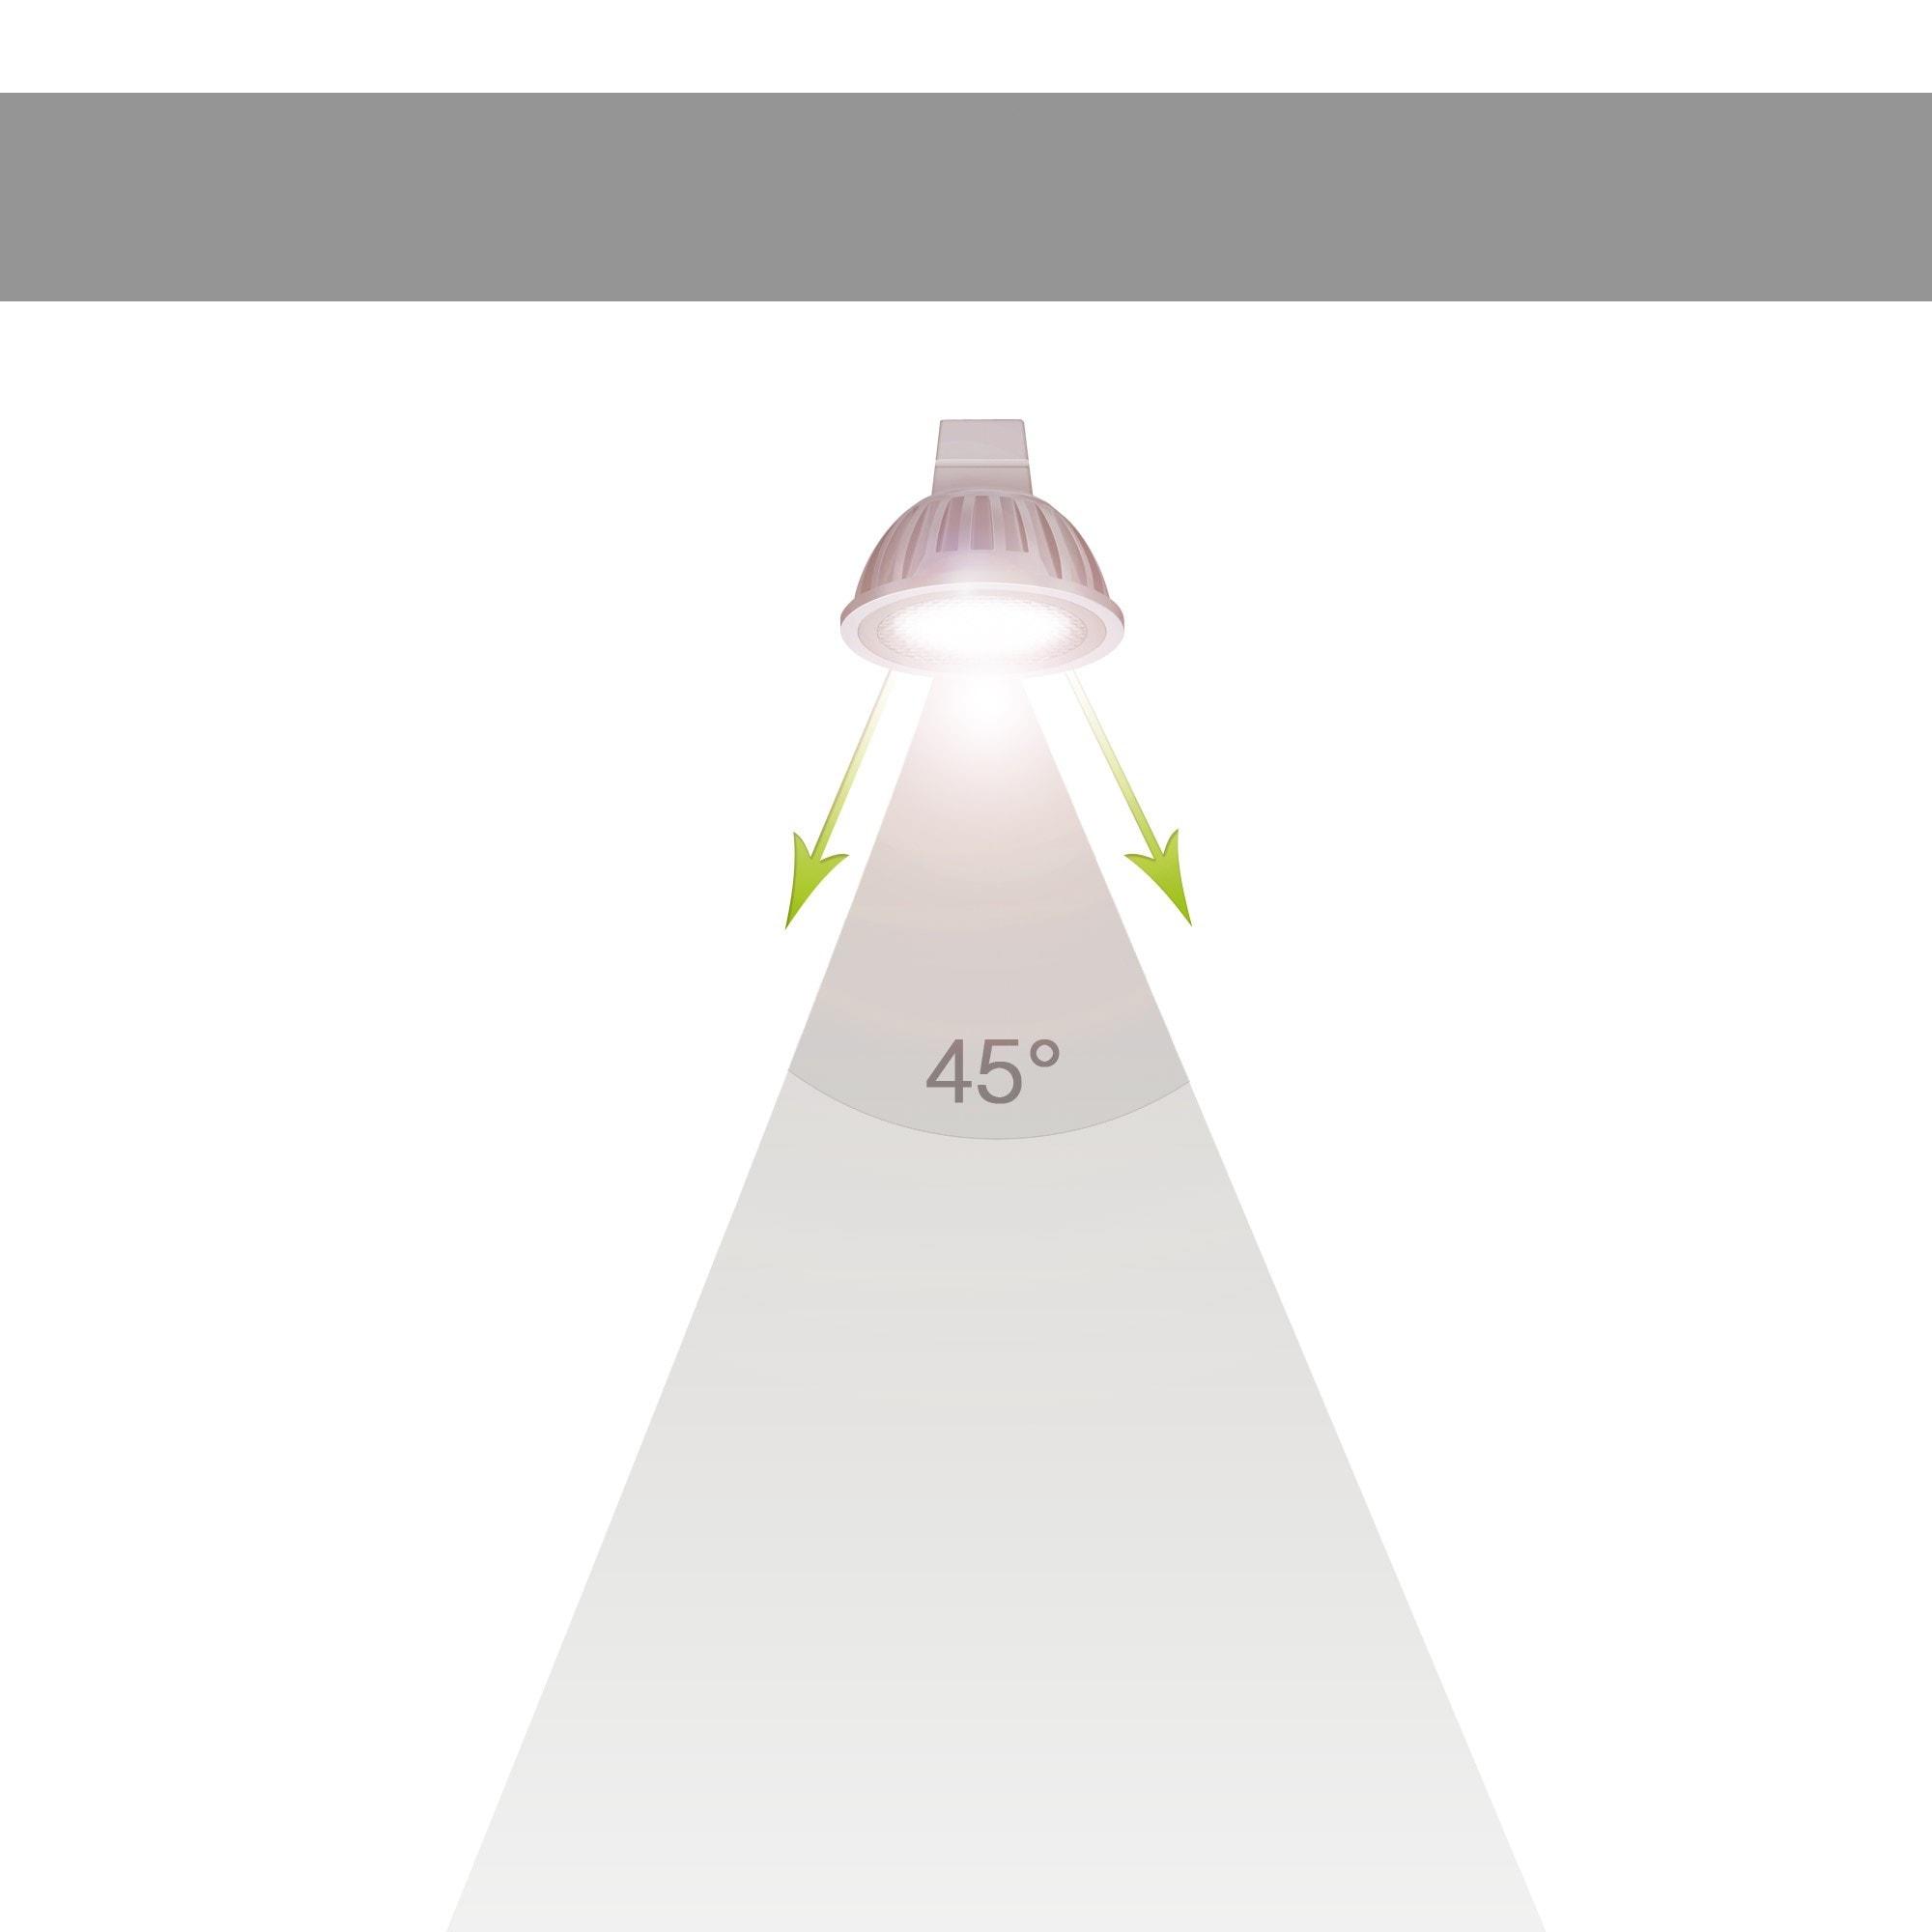 Uhol svietenia 45°